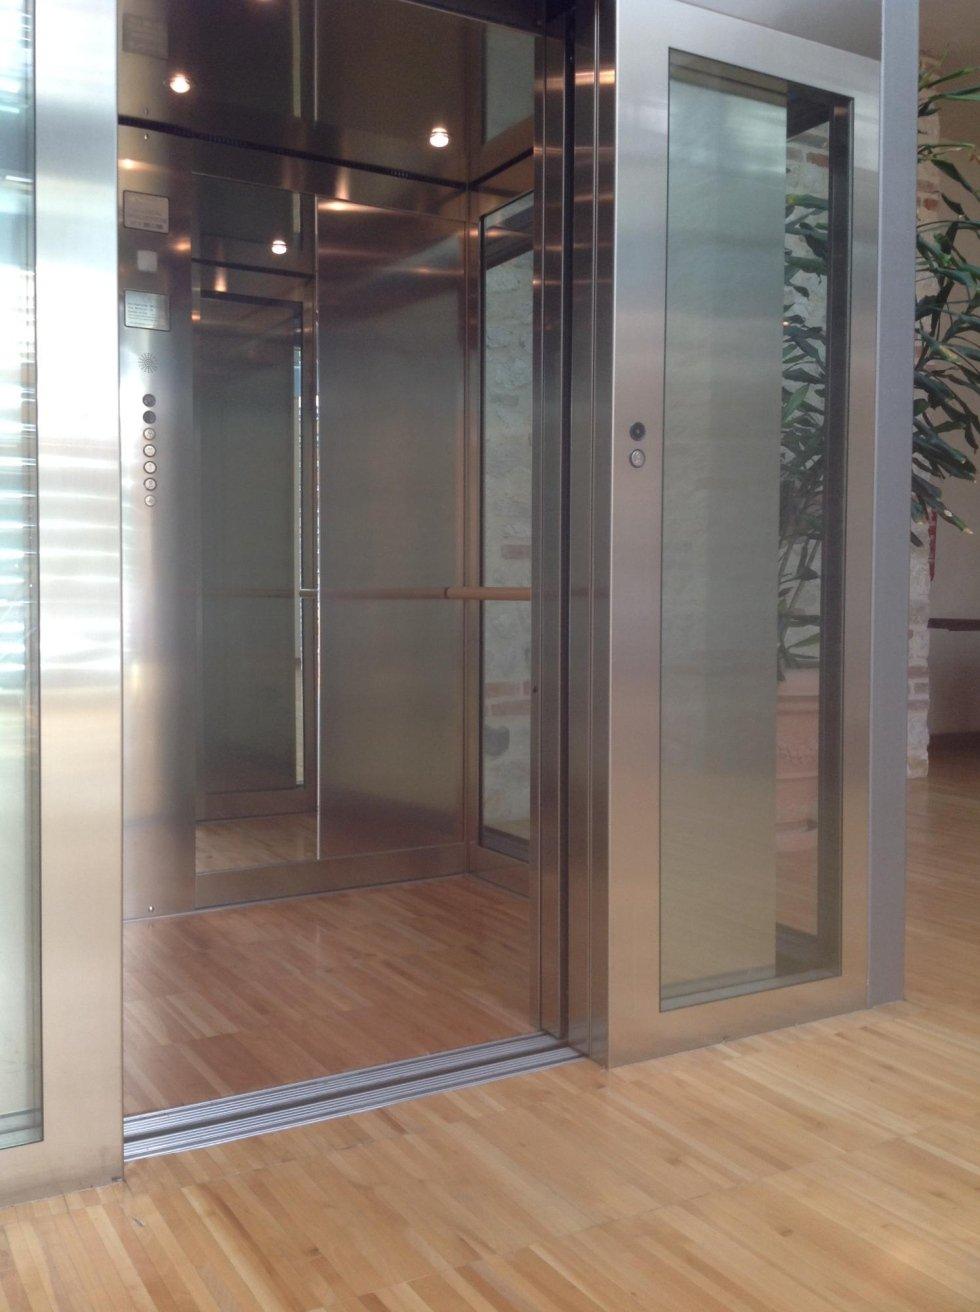 ascensore con pavimento in legno